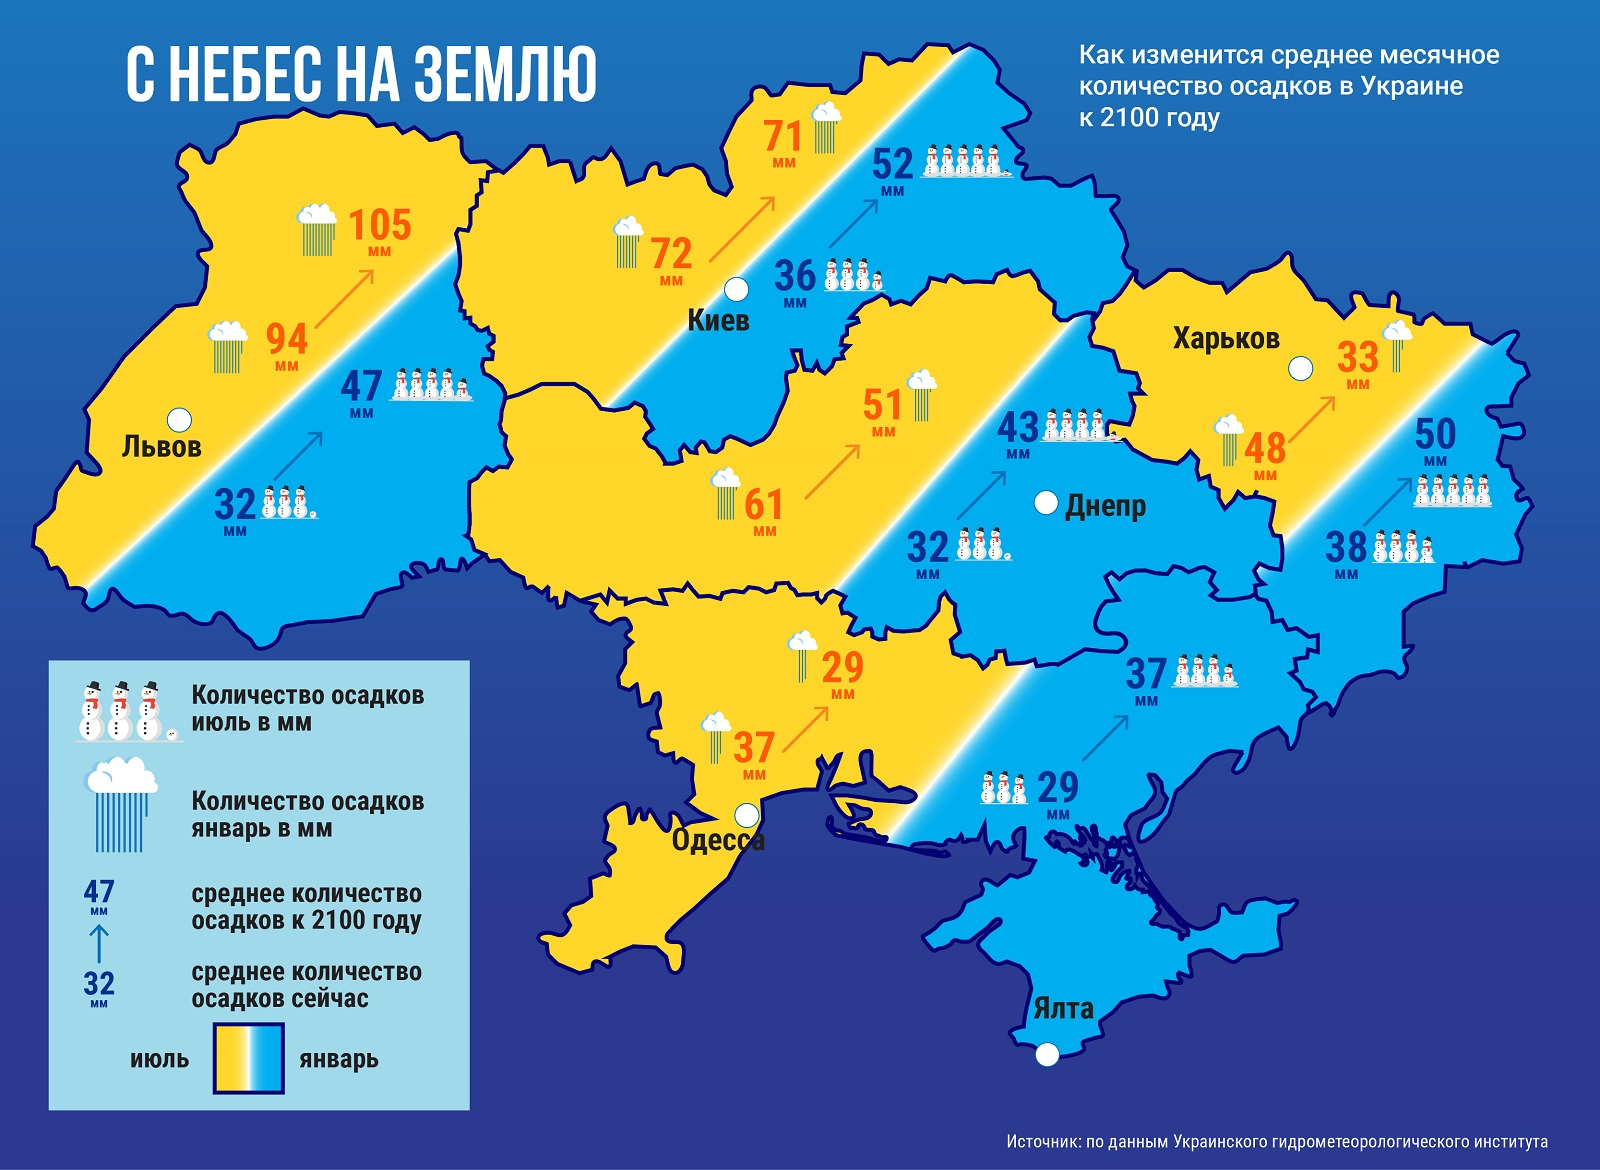 месячное количество осадков, климат Украины, глобальное потепление, изменение климата